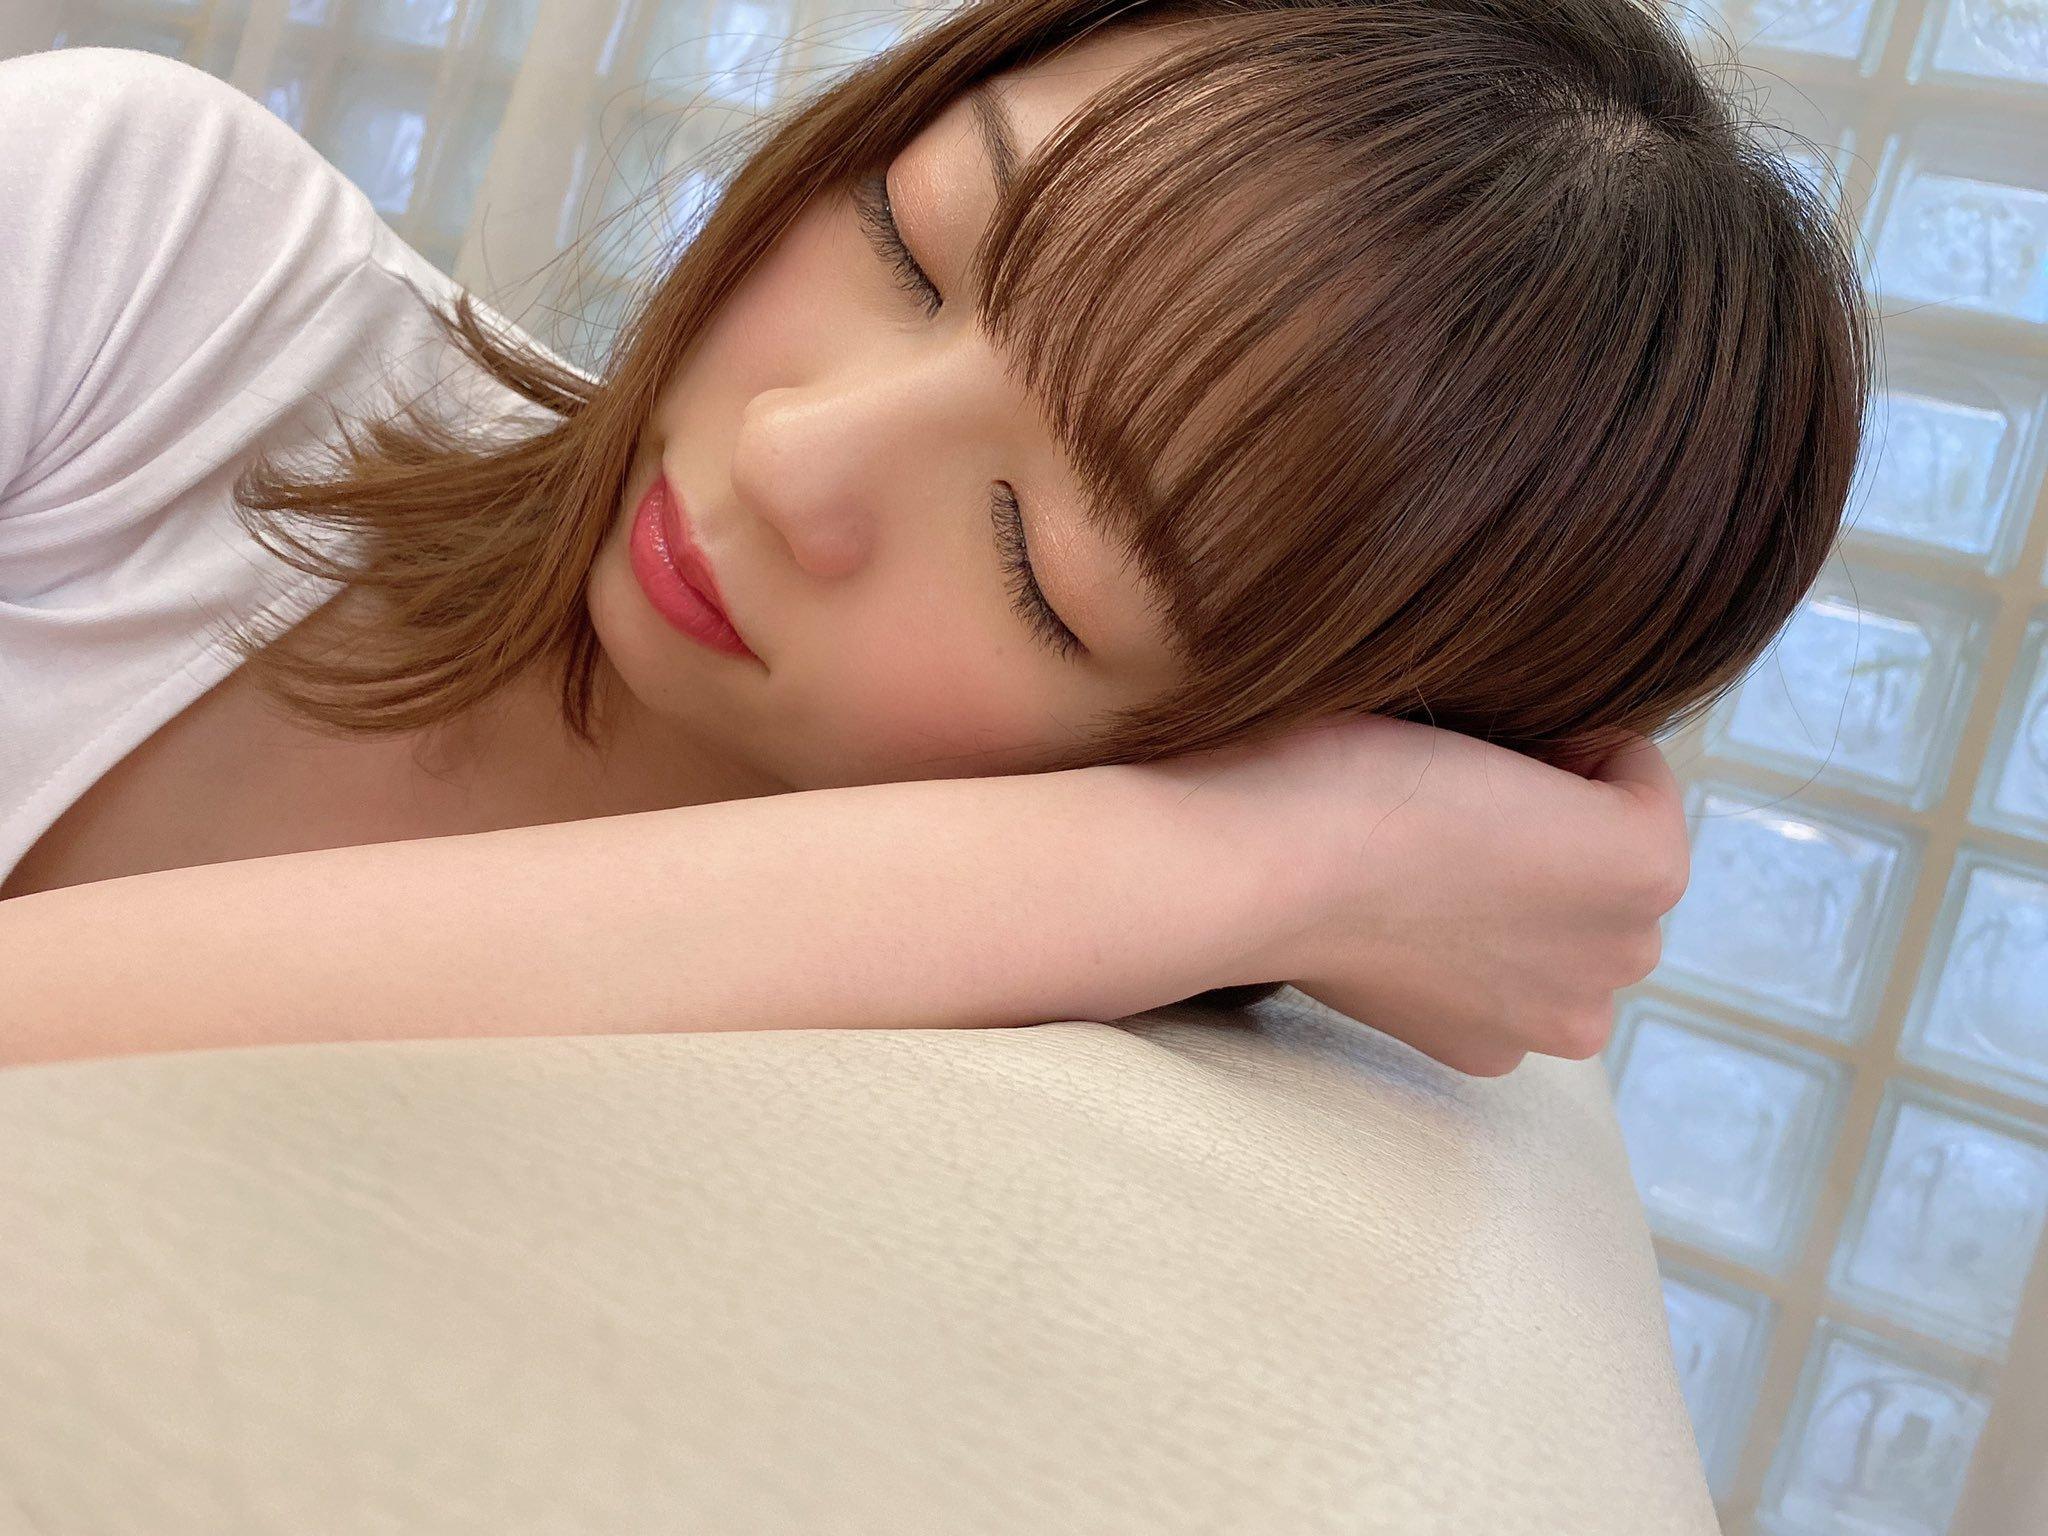 深田咏美再现魅魔 葵铃奈瘦小水着插图(42)